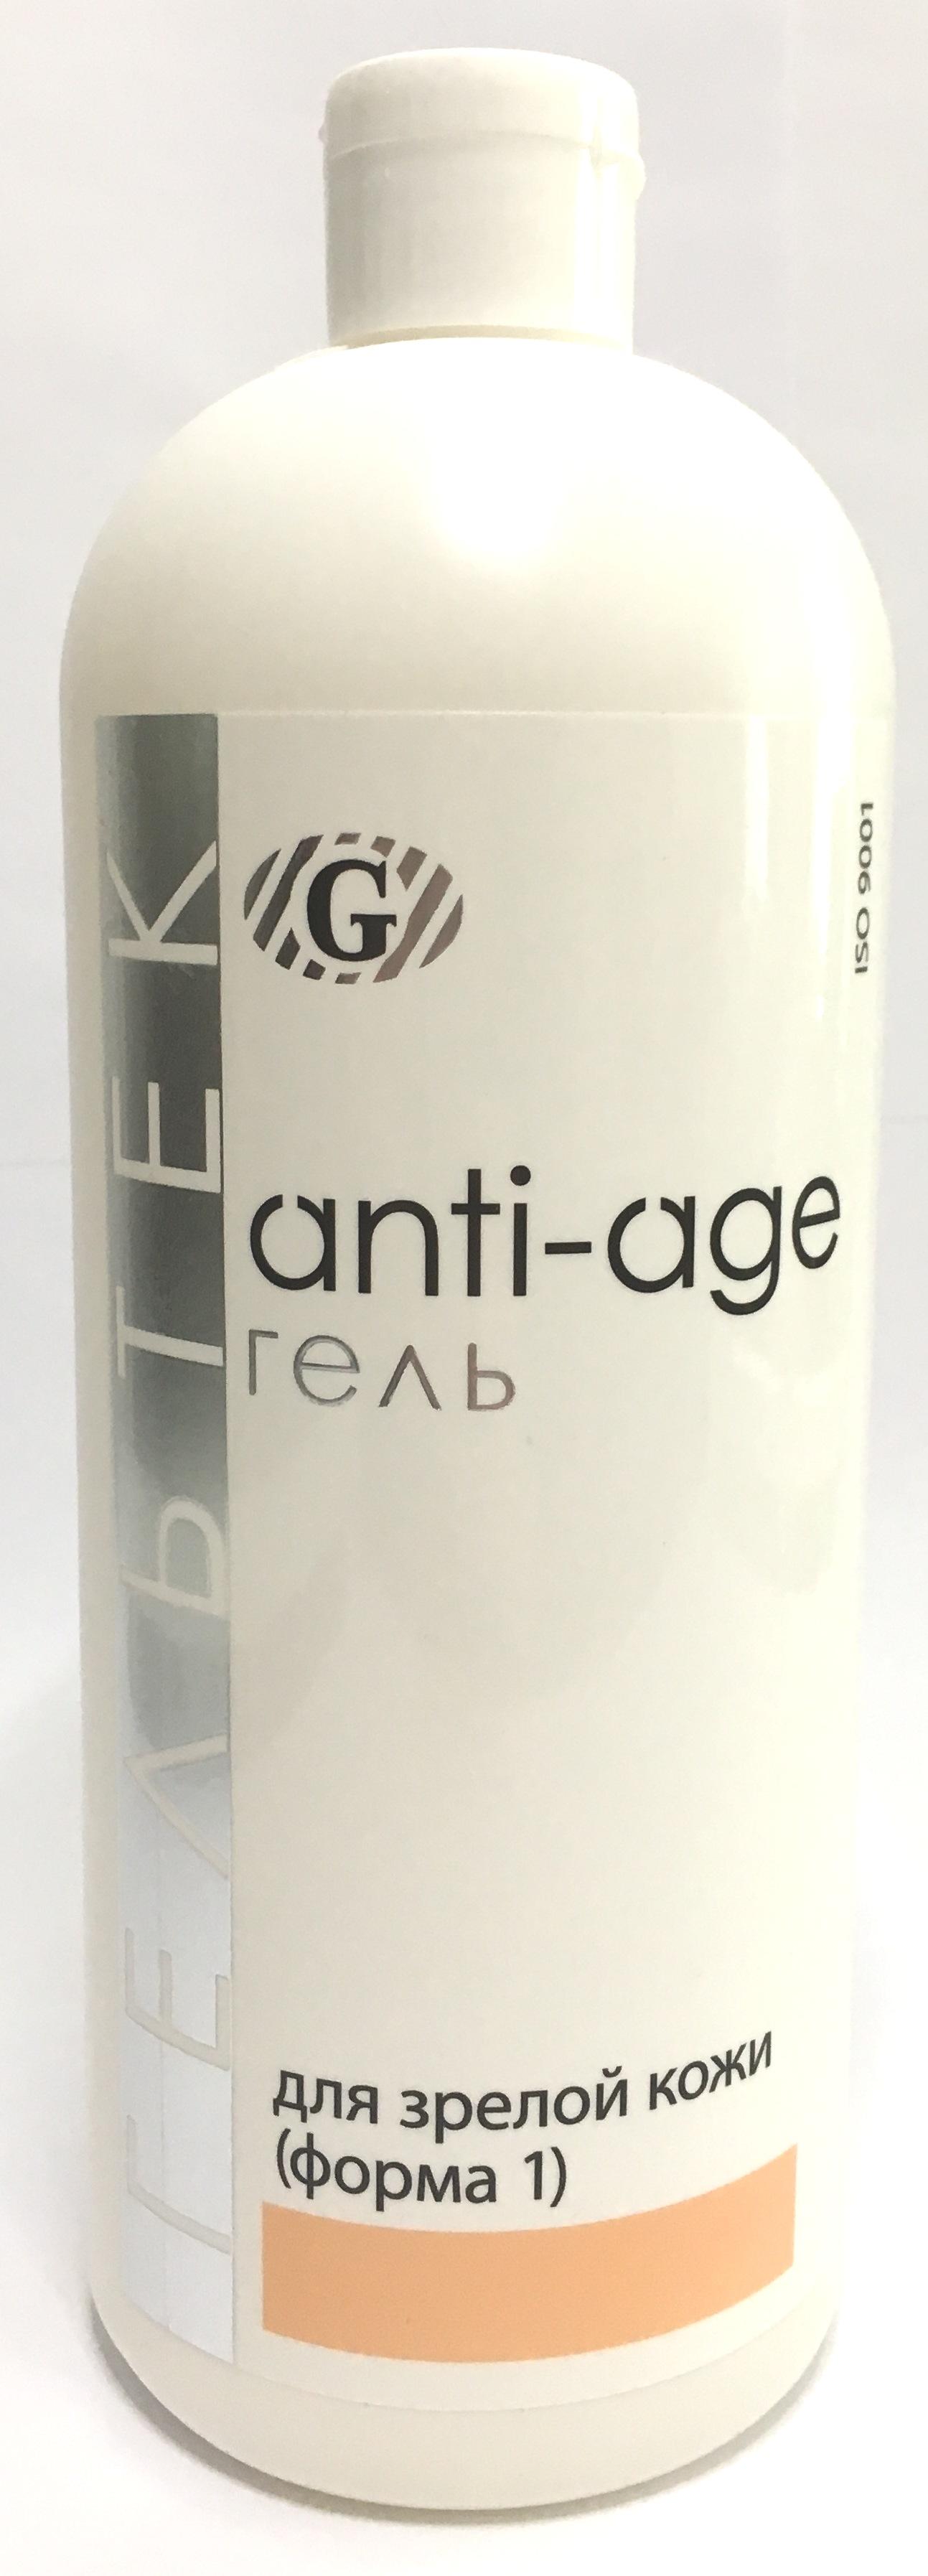 ГЕЛЬТЕК Гель косметический гидратирующий для зрелой кожи, форма 1 / Anti-Age 1000 г - Гели